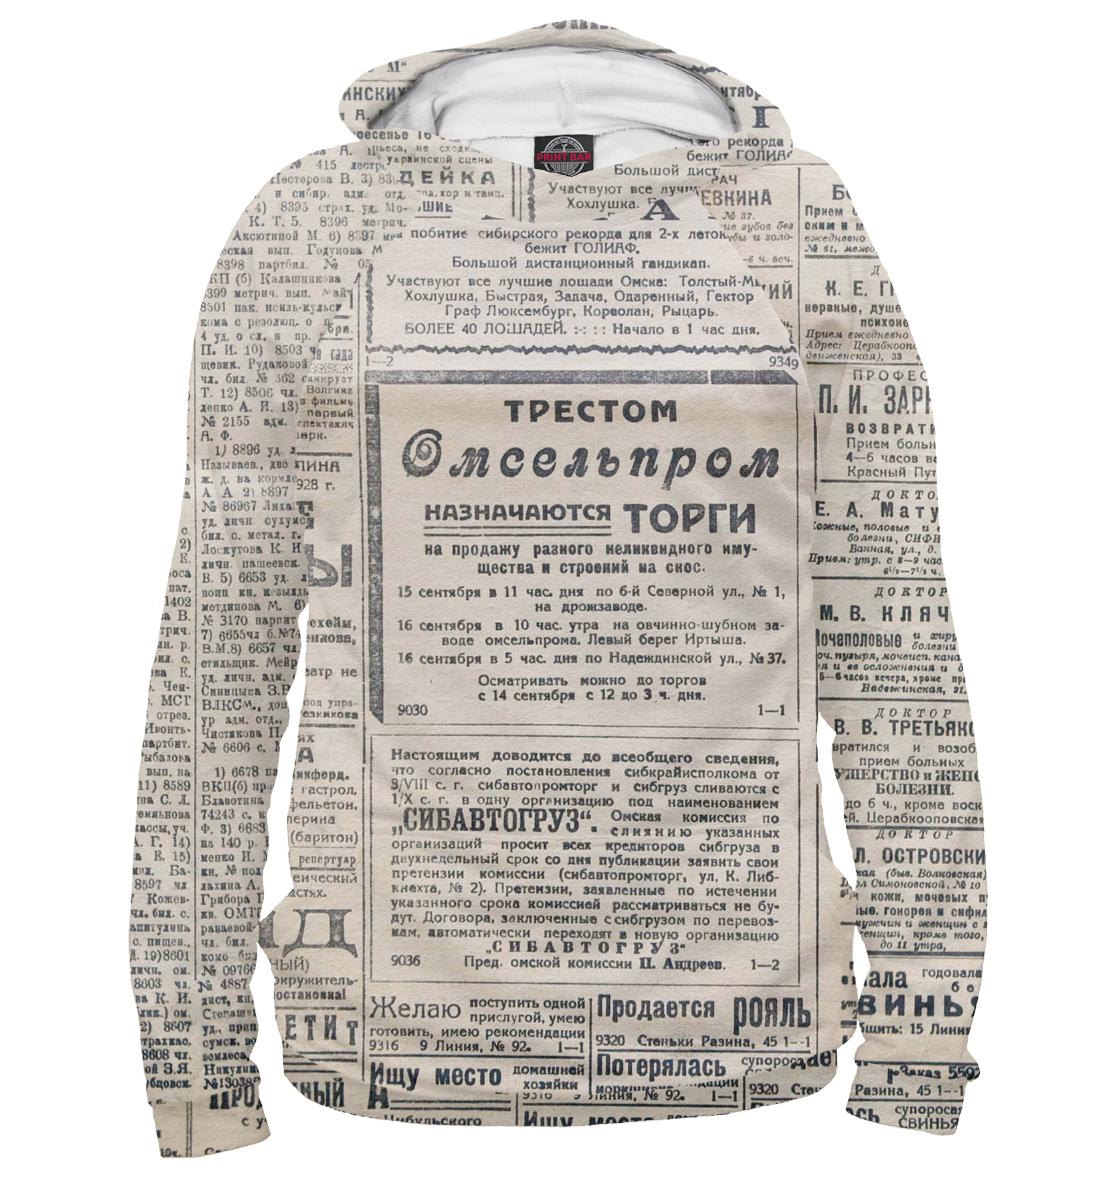 Купить Рабочий Путь 1928г., Printbar, Худи, APD-278786-hud-1